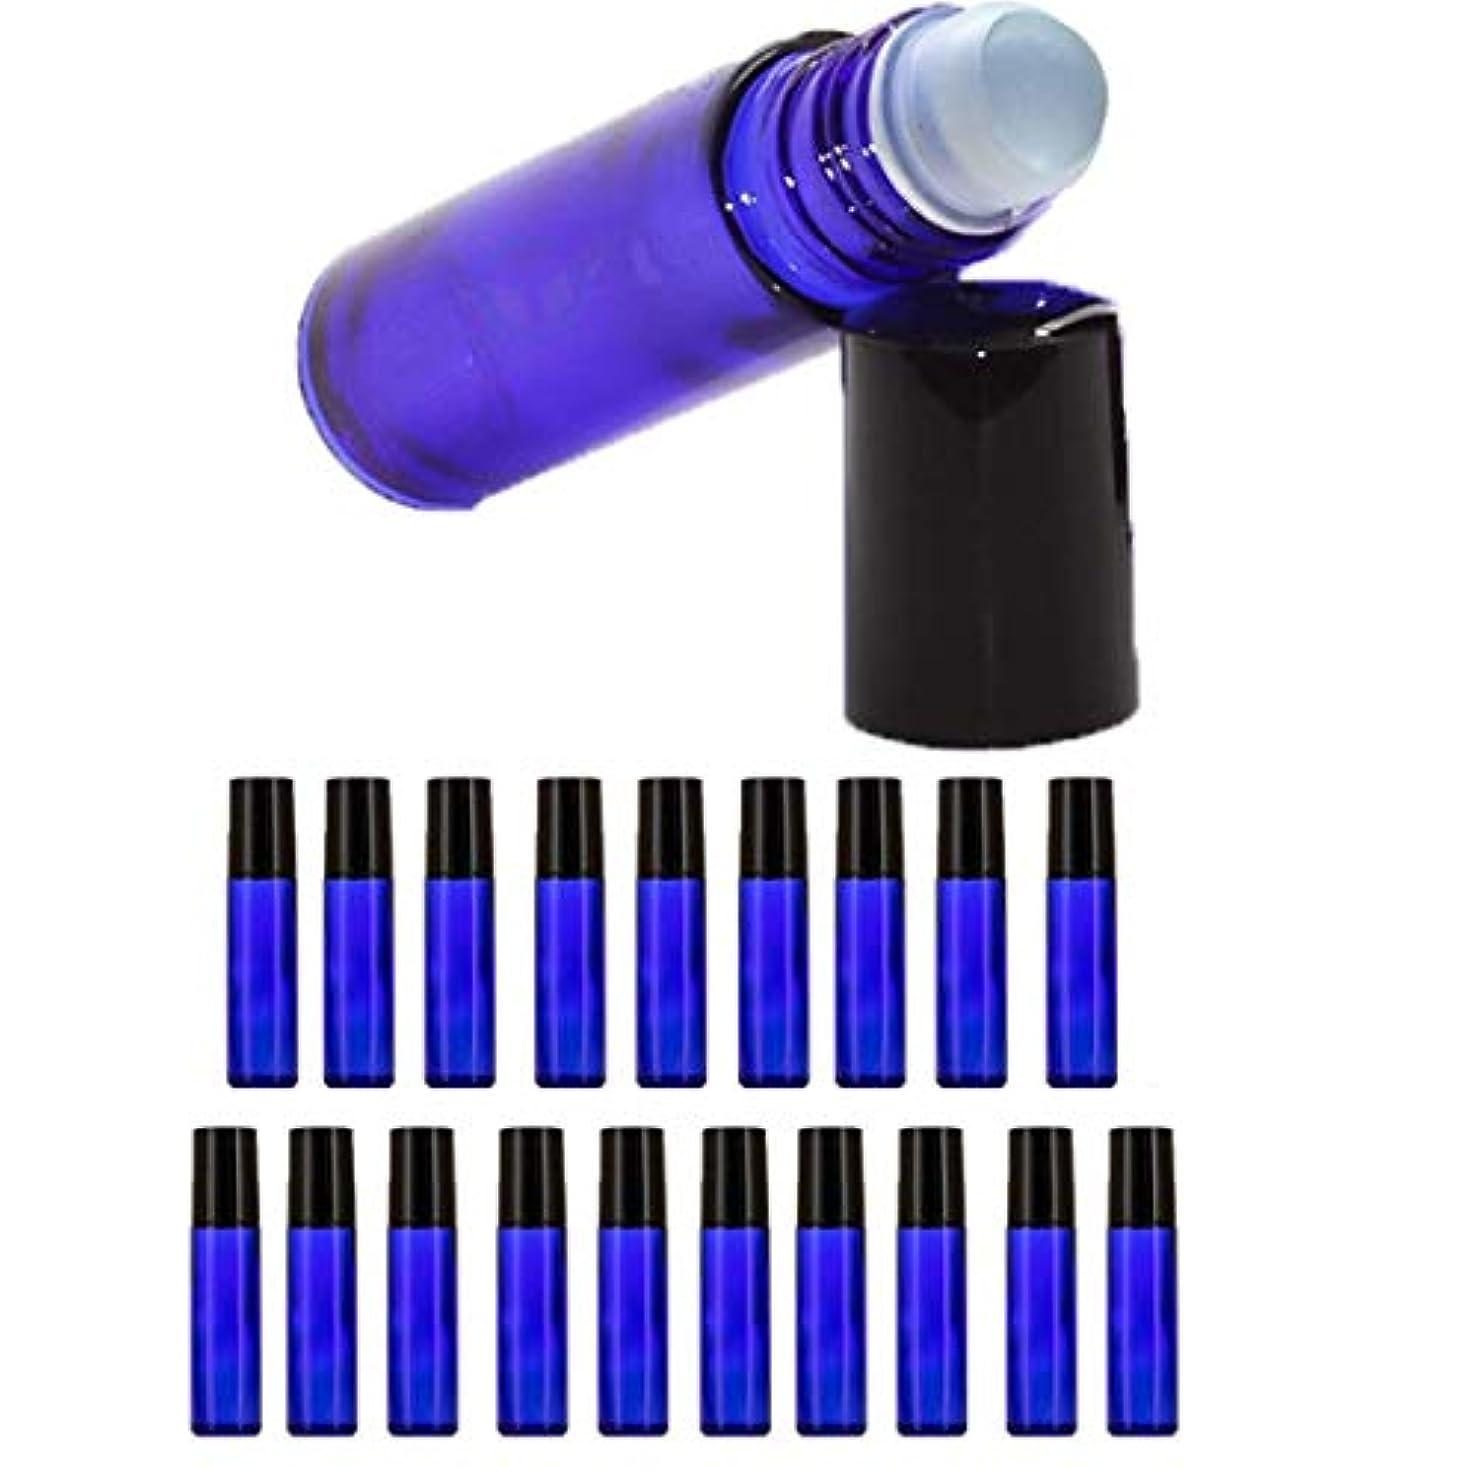 推進、動かすタンク革新20個セット 遮光瓶 小分け ガラスボトルロールオンボトル 詰め替え 容器 エッセンシャルオイル 遮光ビン